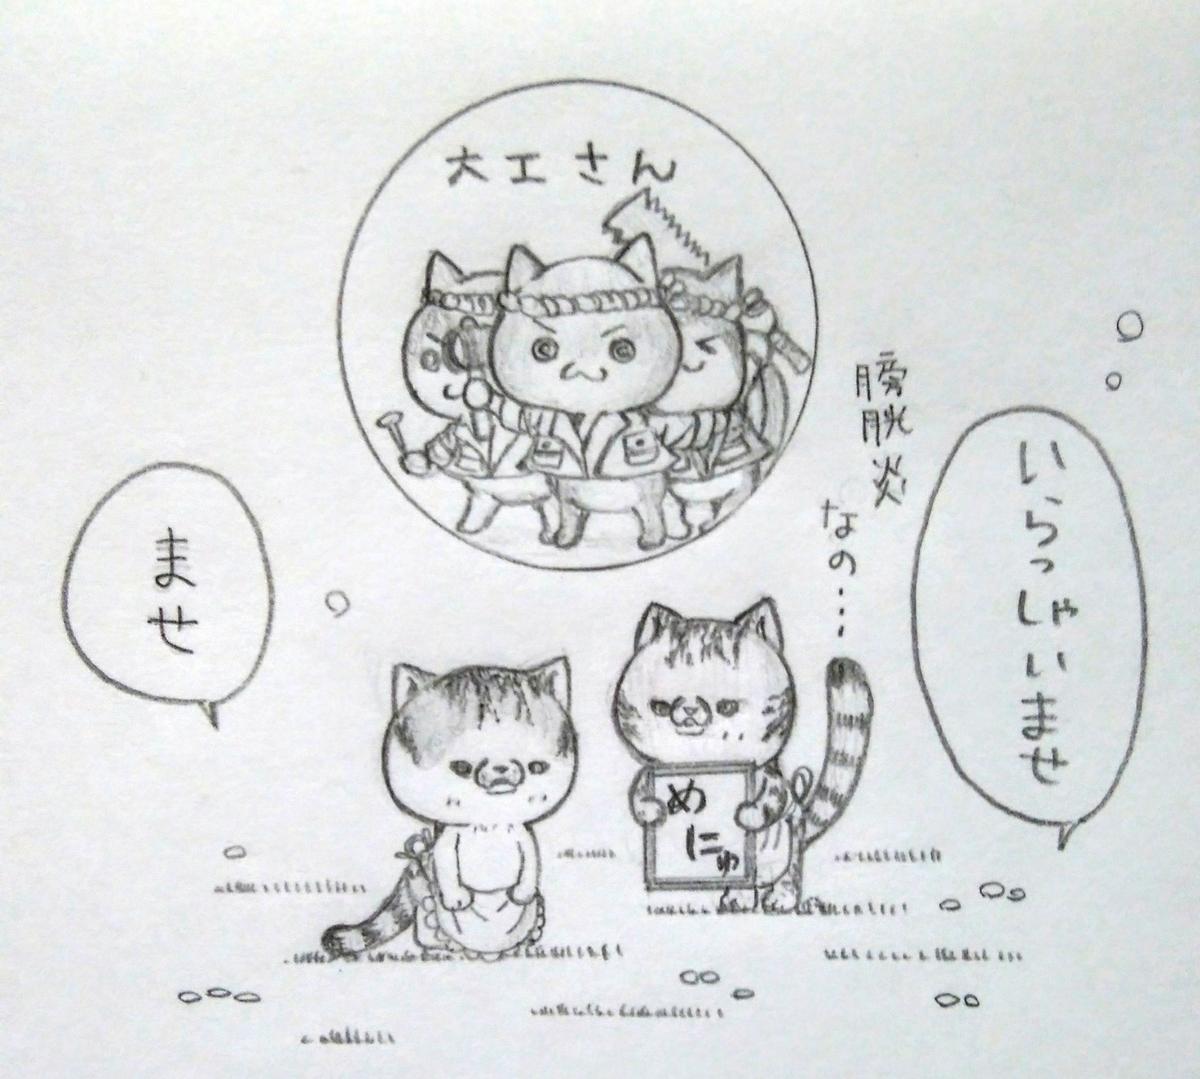 f:id:maricats:20200912092620j:plain